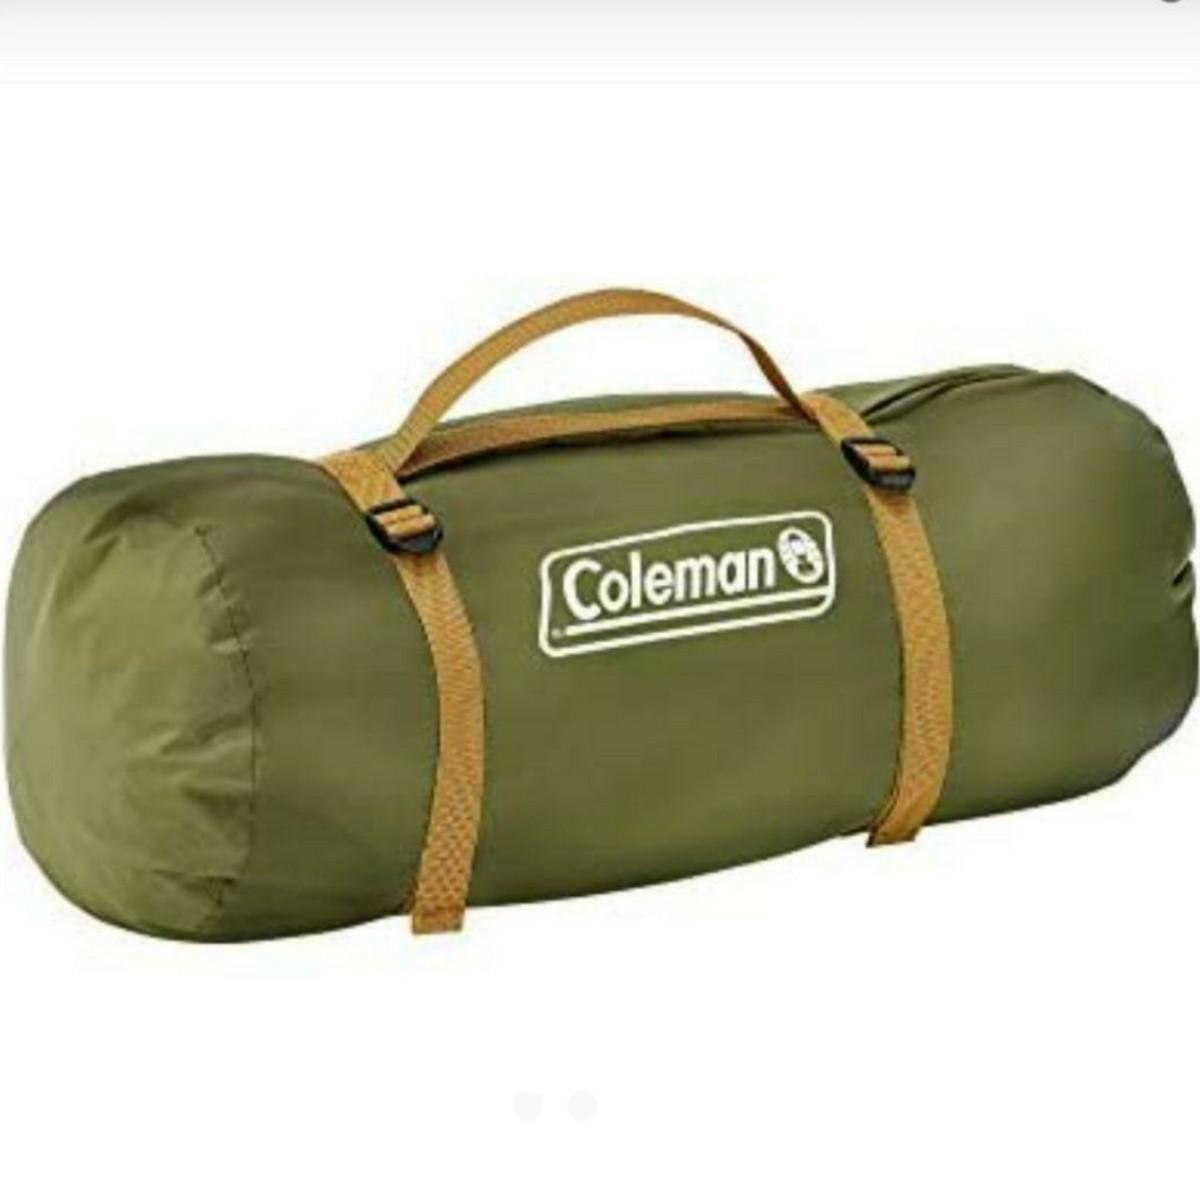 新品 未使用 コールマン(Coleman) テント ツーリングドーム LX